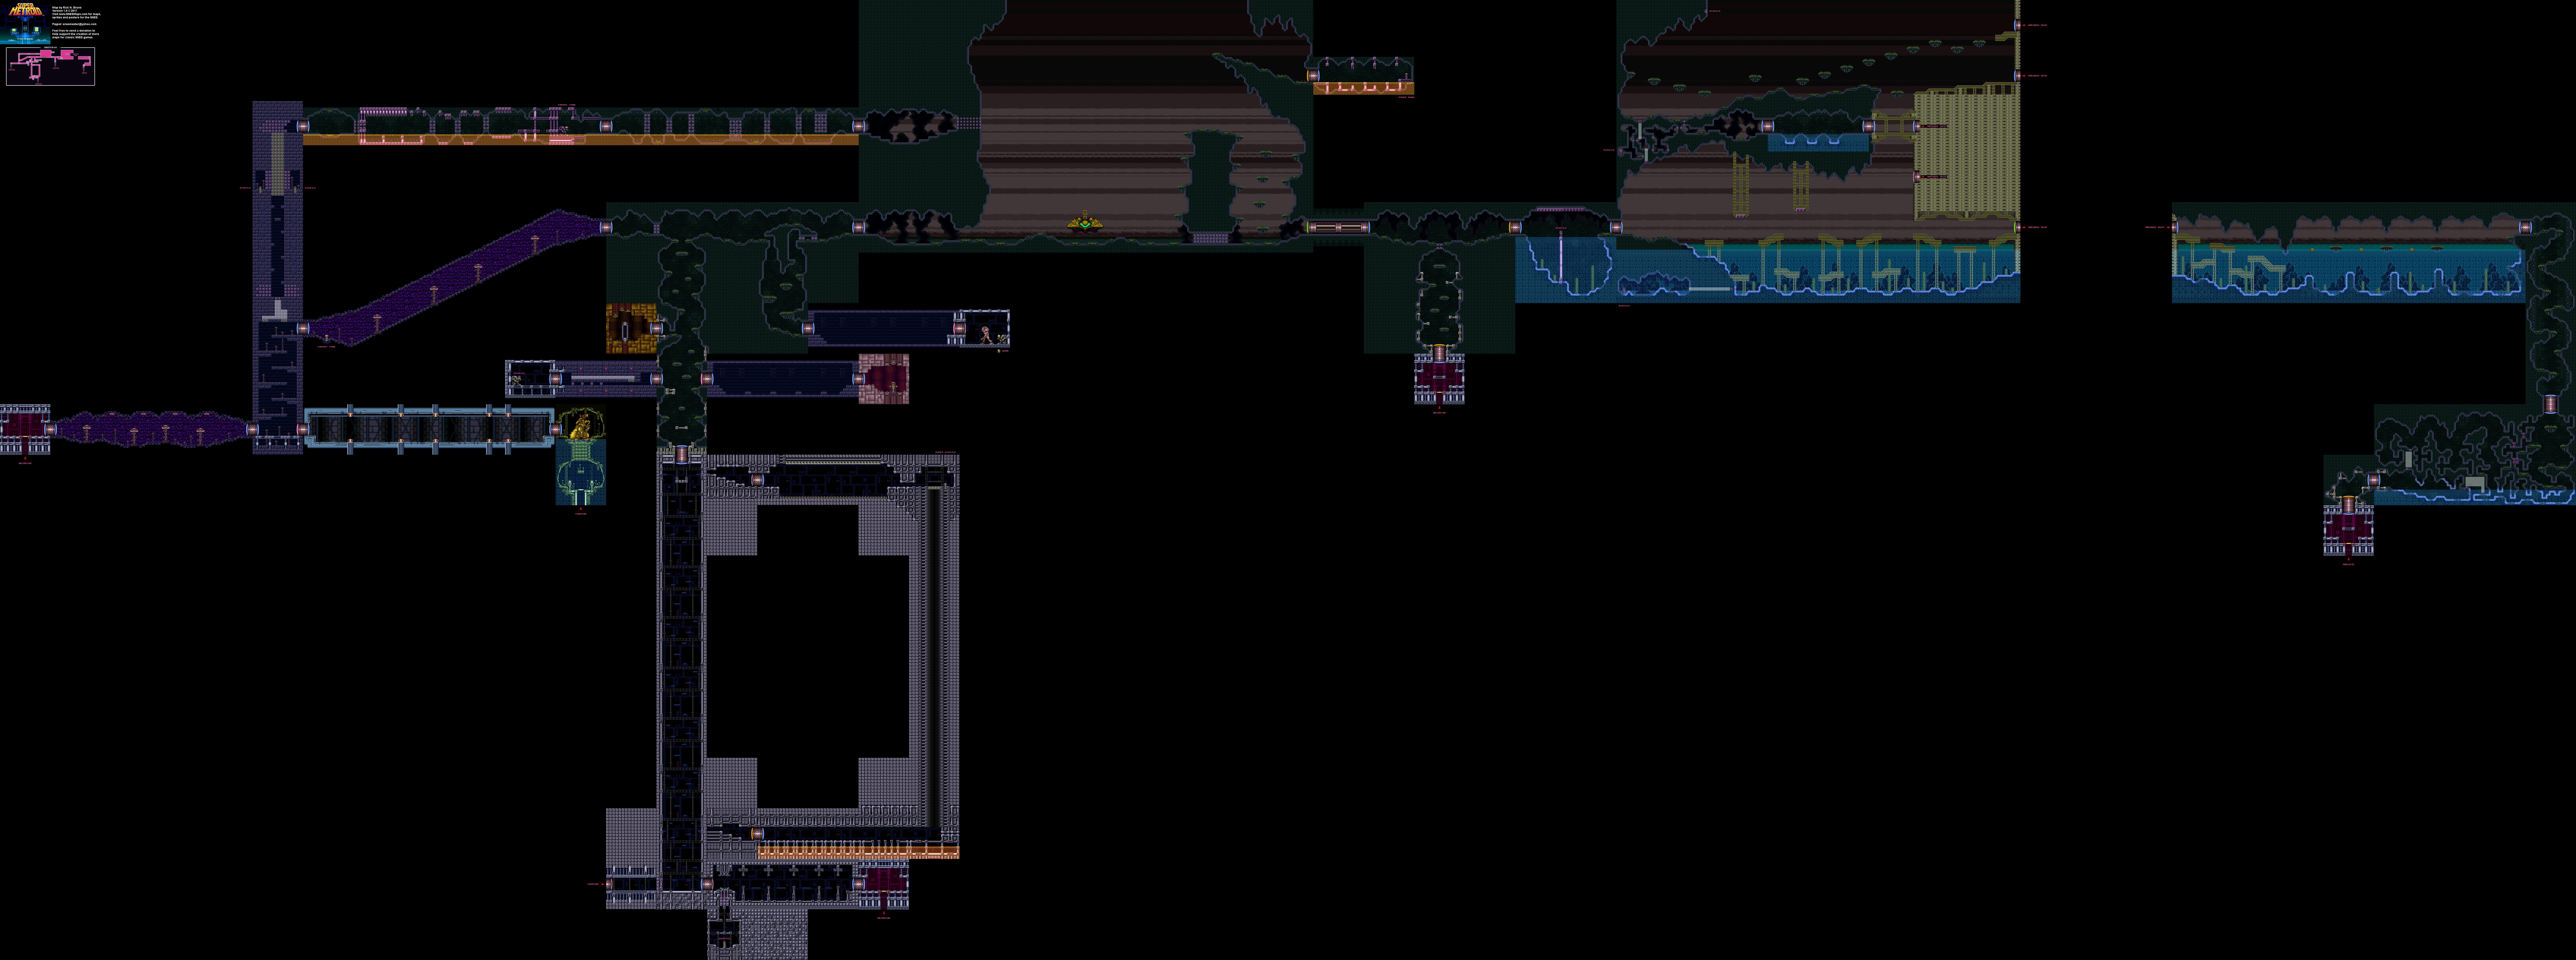 Bookshelf Pictures Super Metroid Crateria Map Snes Super Nintendo